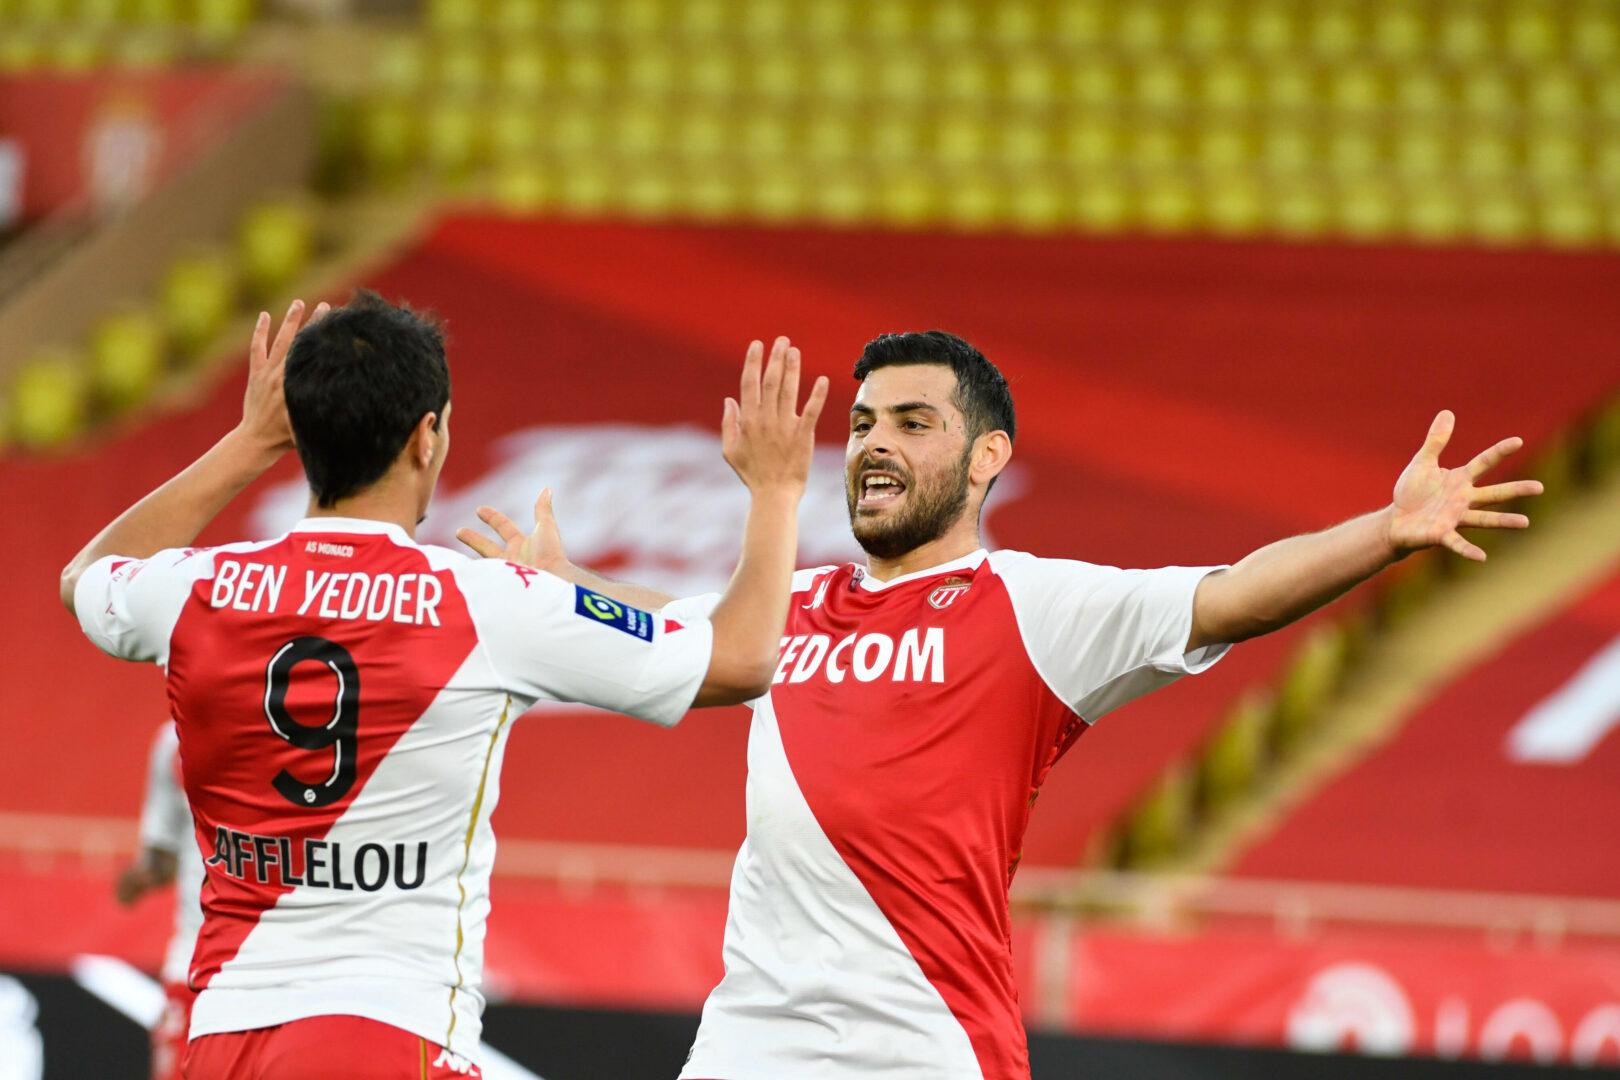 Vorschau Ligue 1 – Teil 3: AS Monaco, Saint-Etienne, FC Metz, Troyes